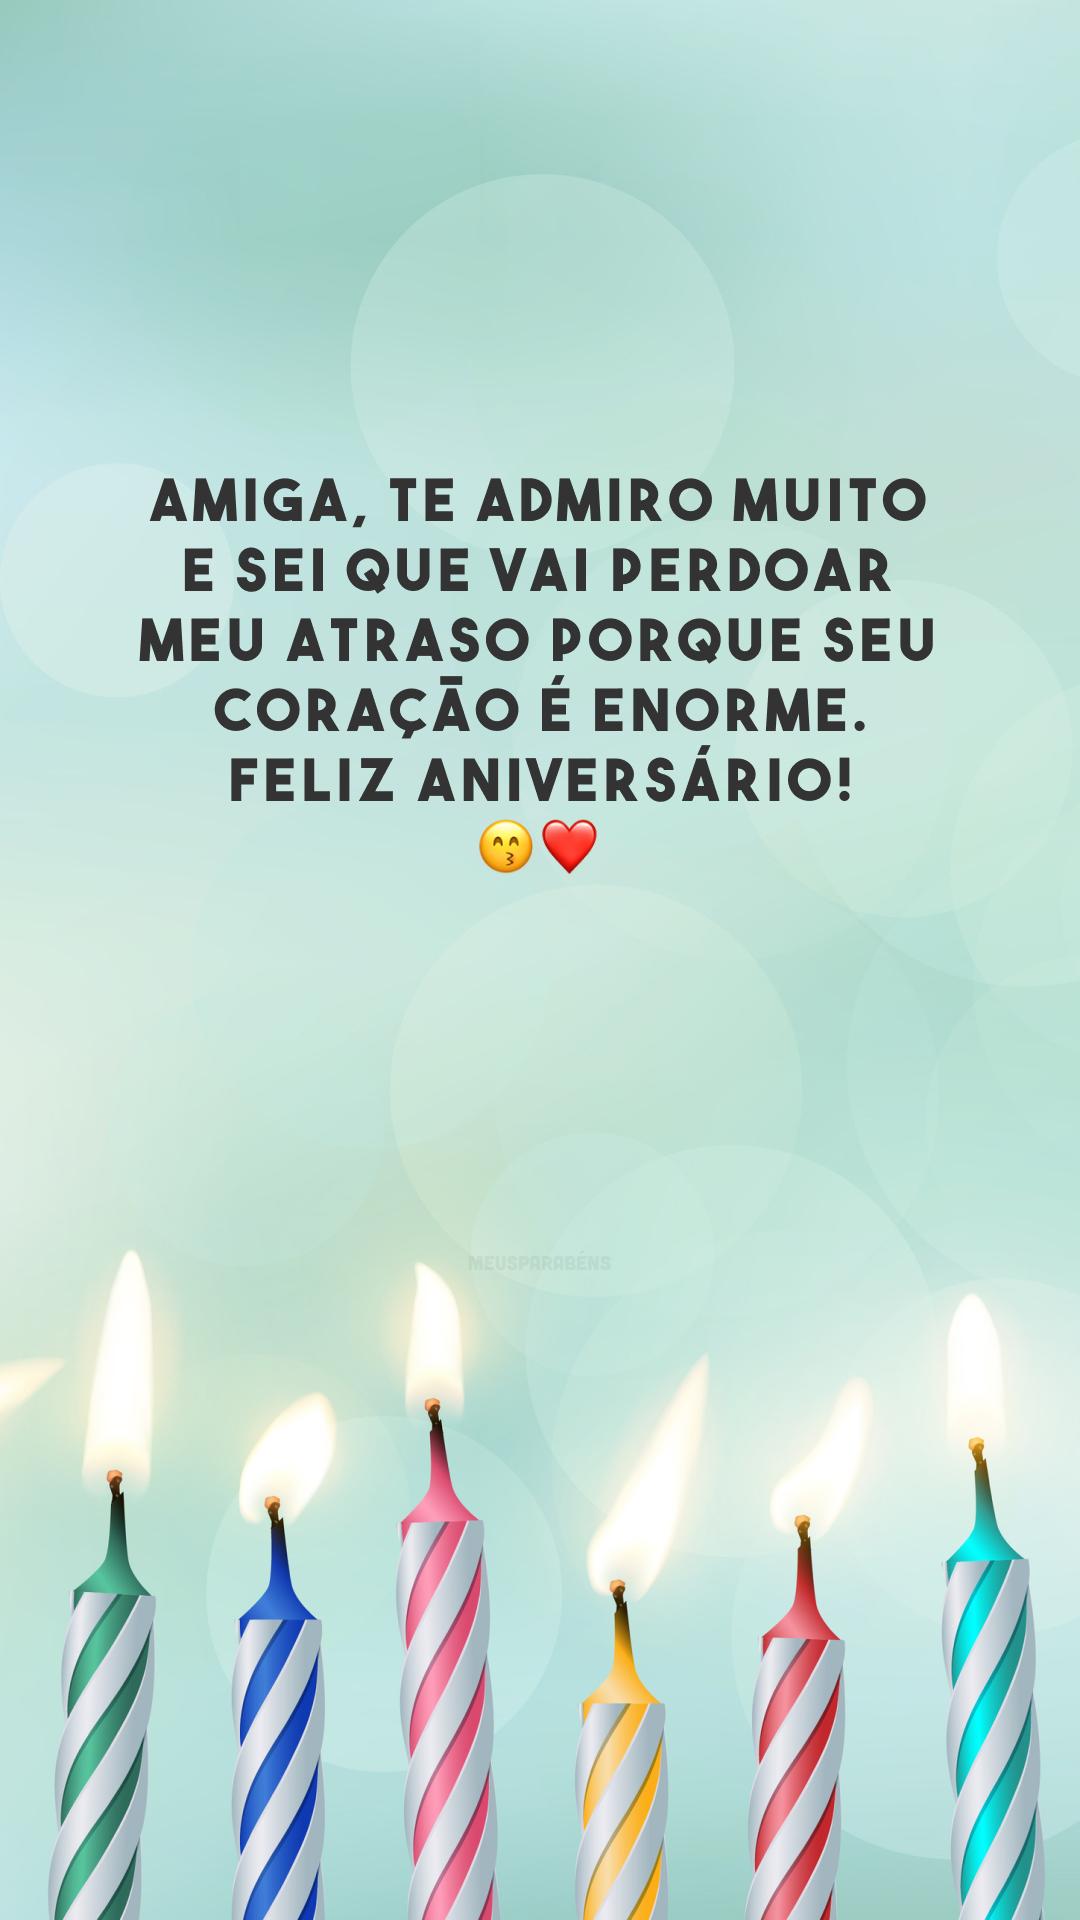 Amiga, te admiro muito e sei que vai perdoar meu atraso porque seu coração é enorme. Feliz aniversário! 😙❤️